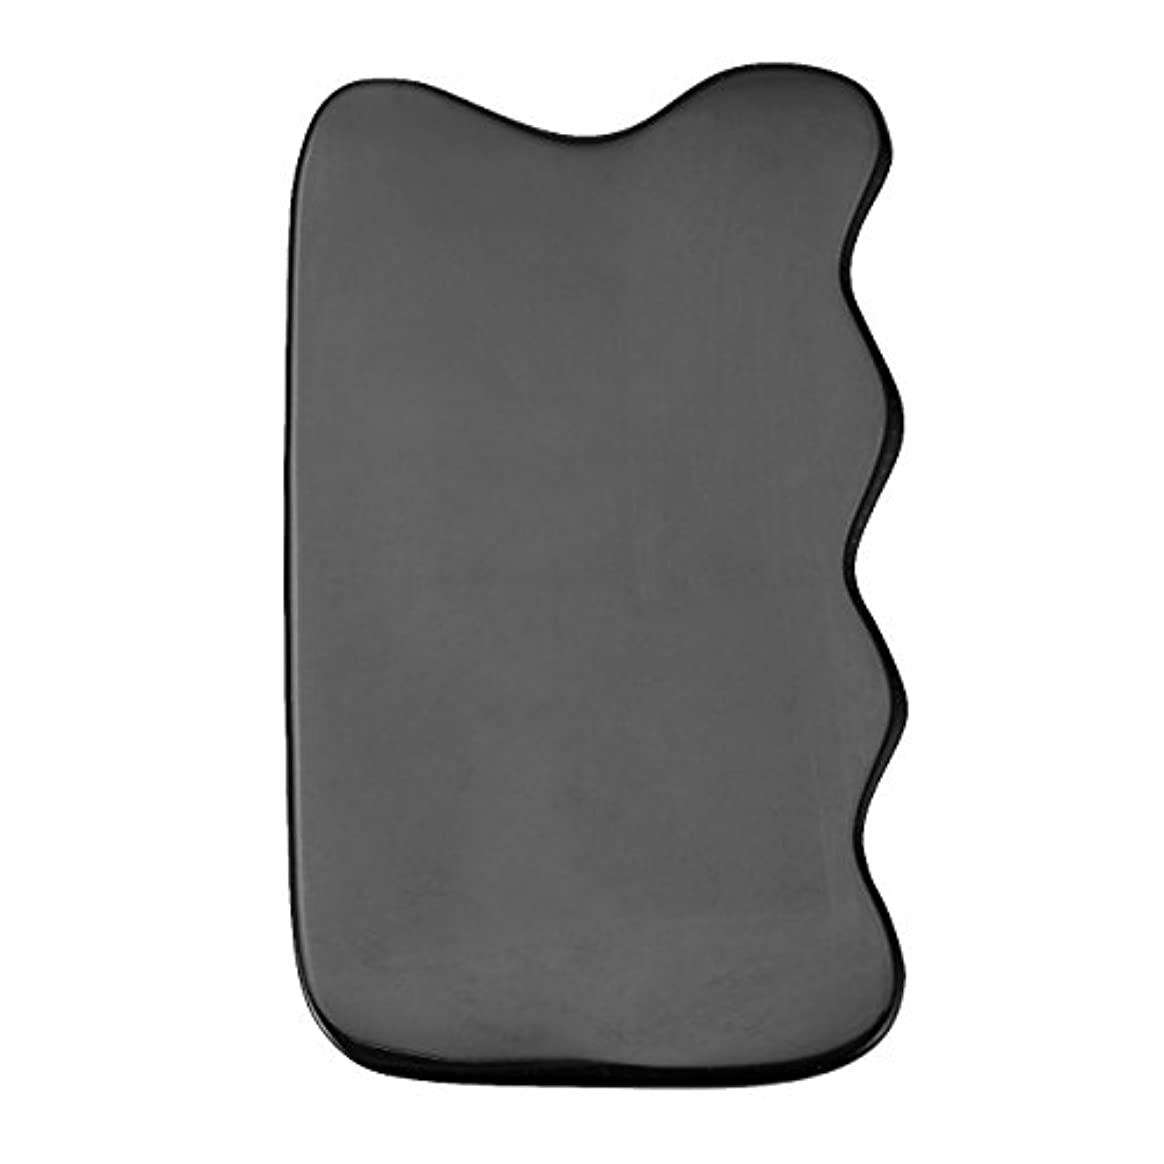 避ける買い物に行く上げるJovivi Mak カッサリフトプレート ブラック 牛角 パワーストーン カッサ板 美顔 カッサボード カッサマッサージ道具 ギフトバッグを提供 (波状)